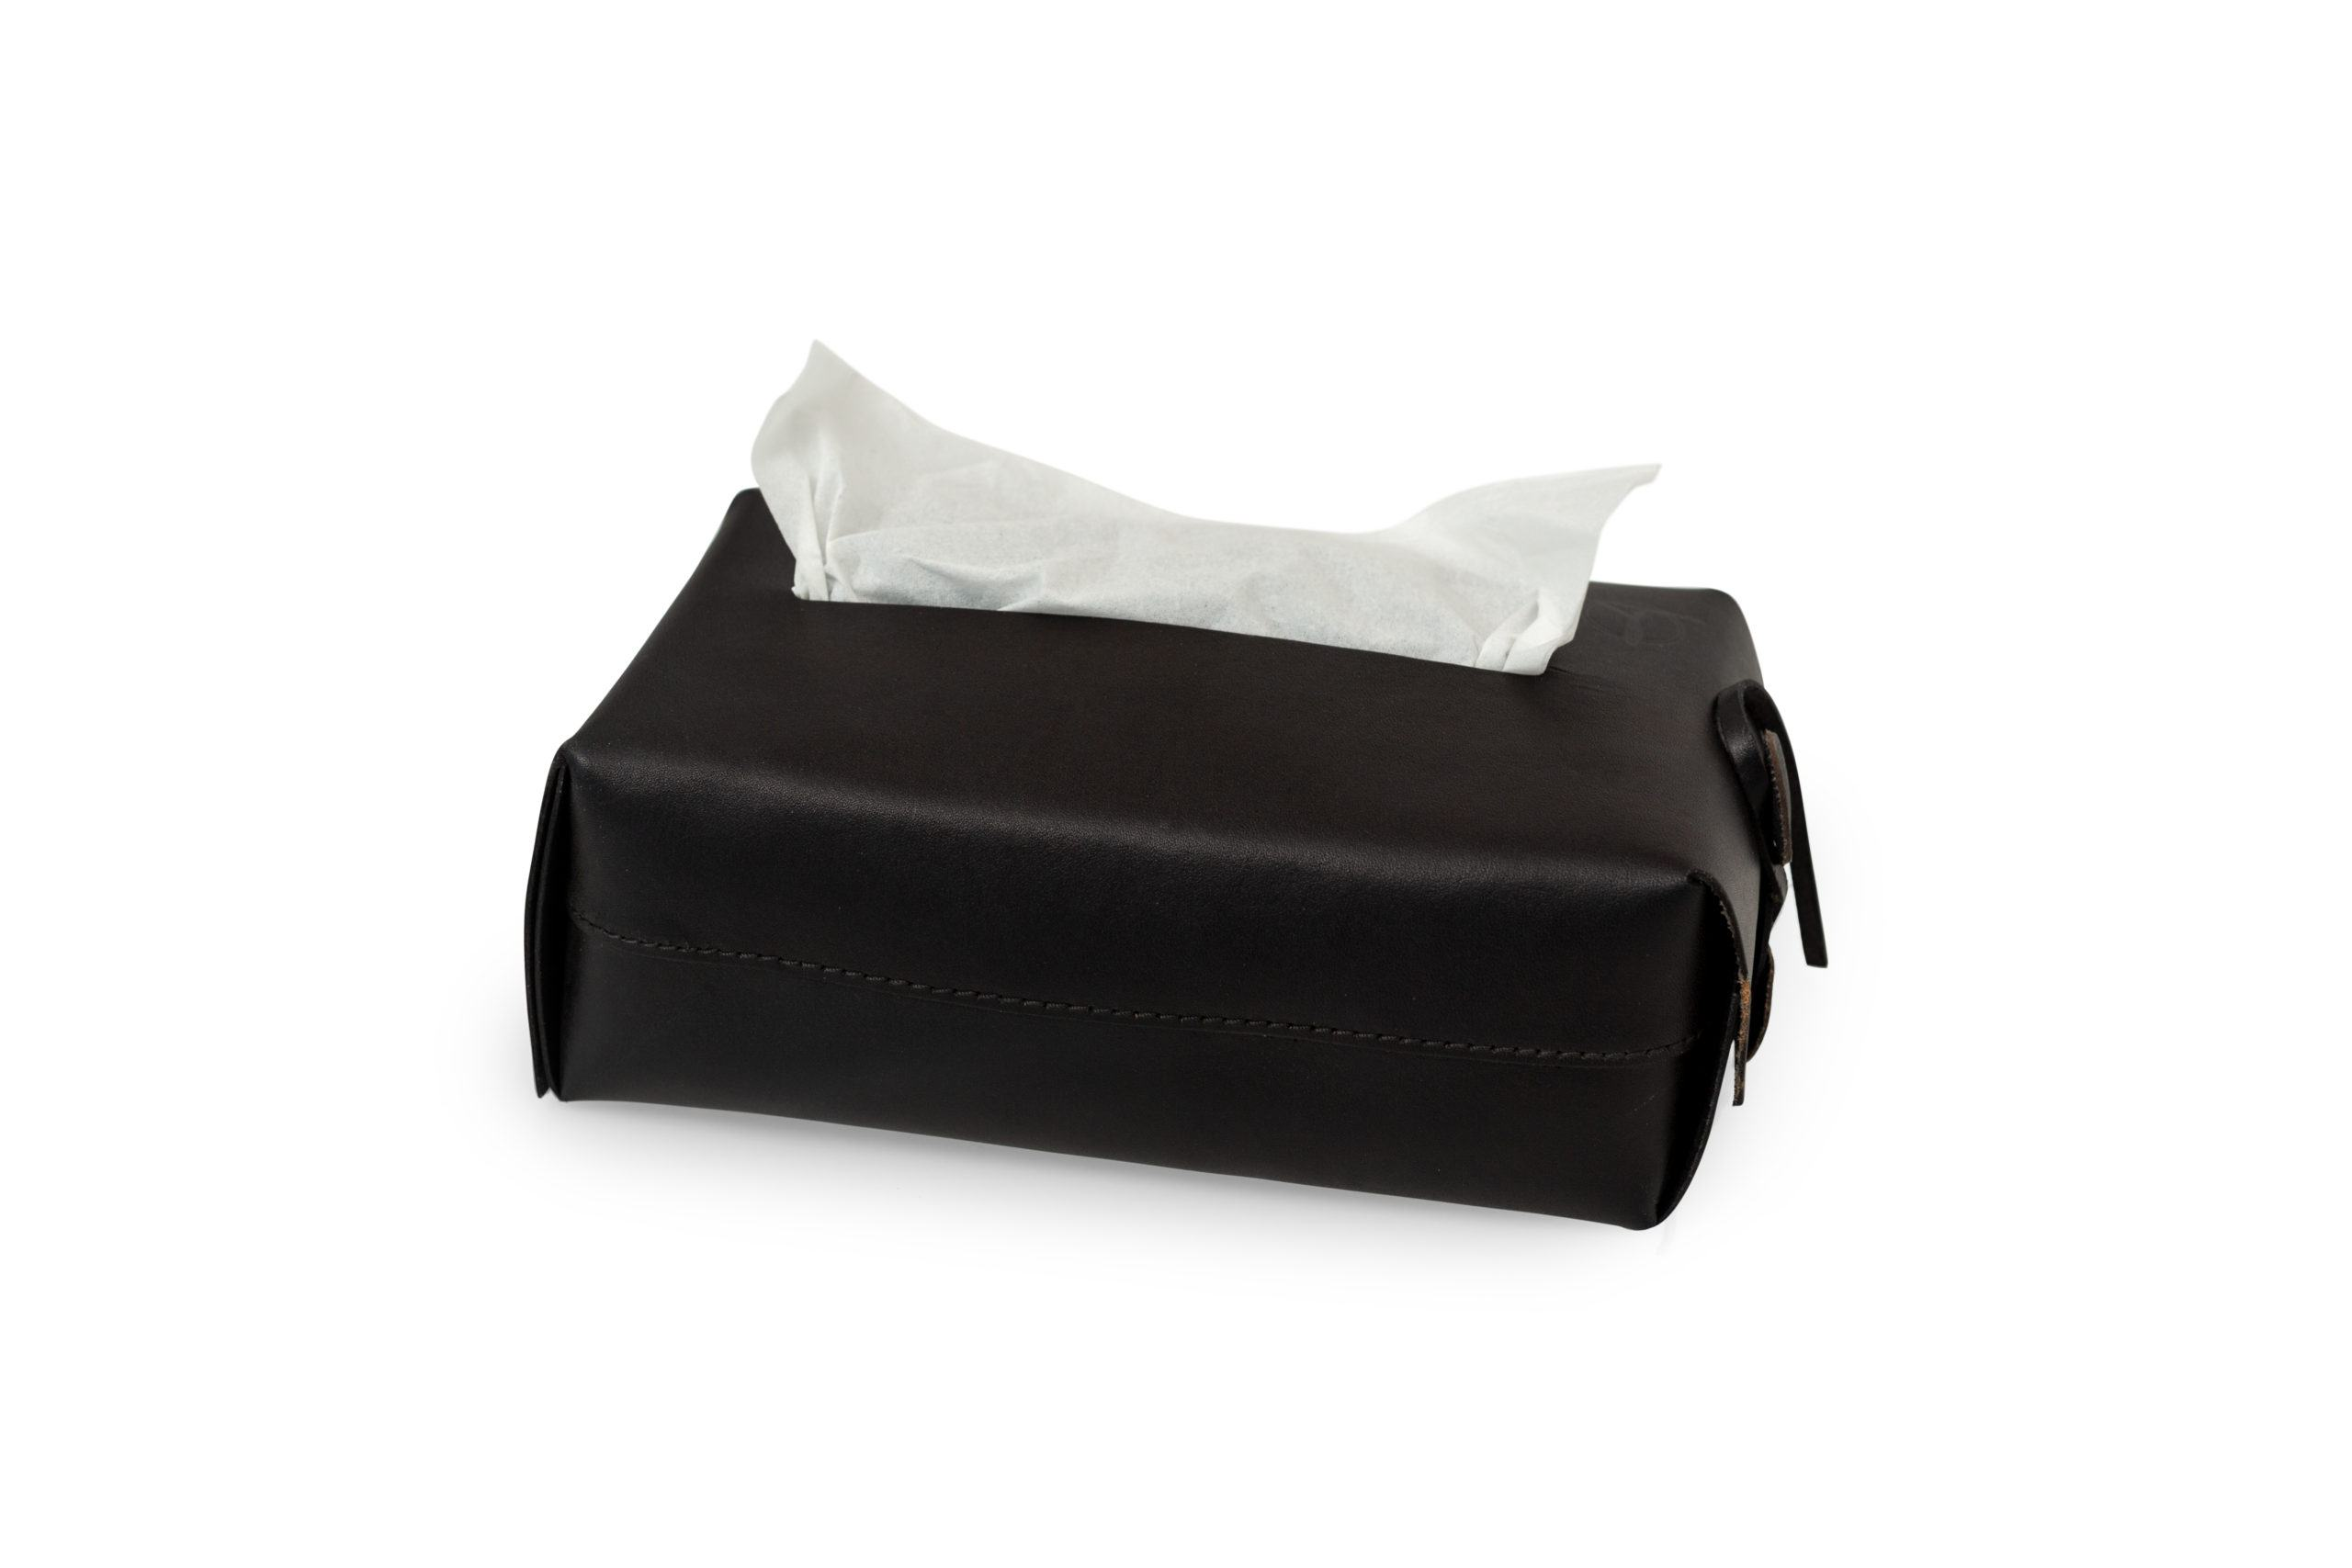 Hộp đựng khăn giấy thời trang HKG9079-D